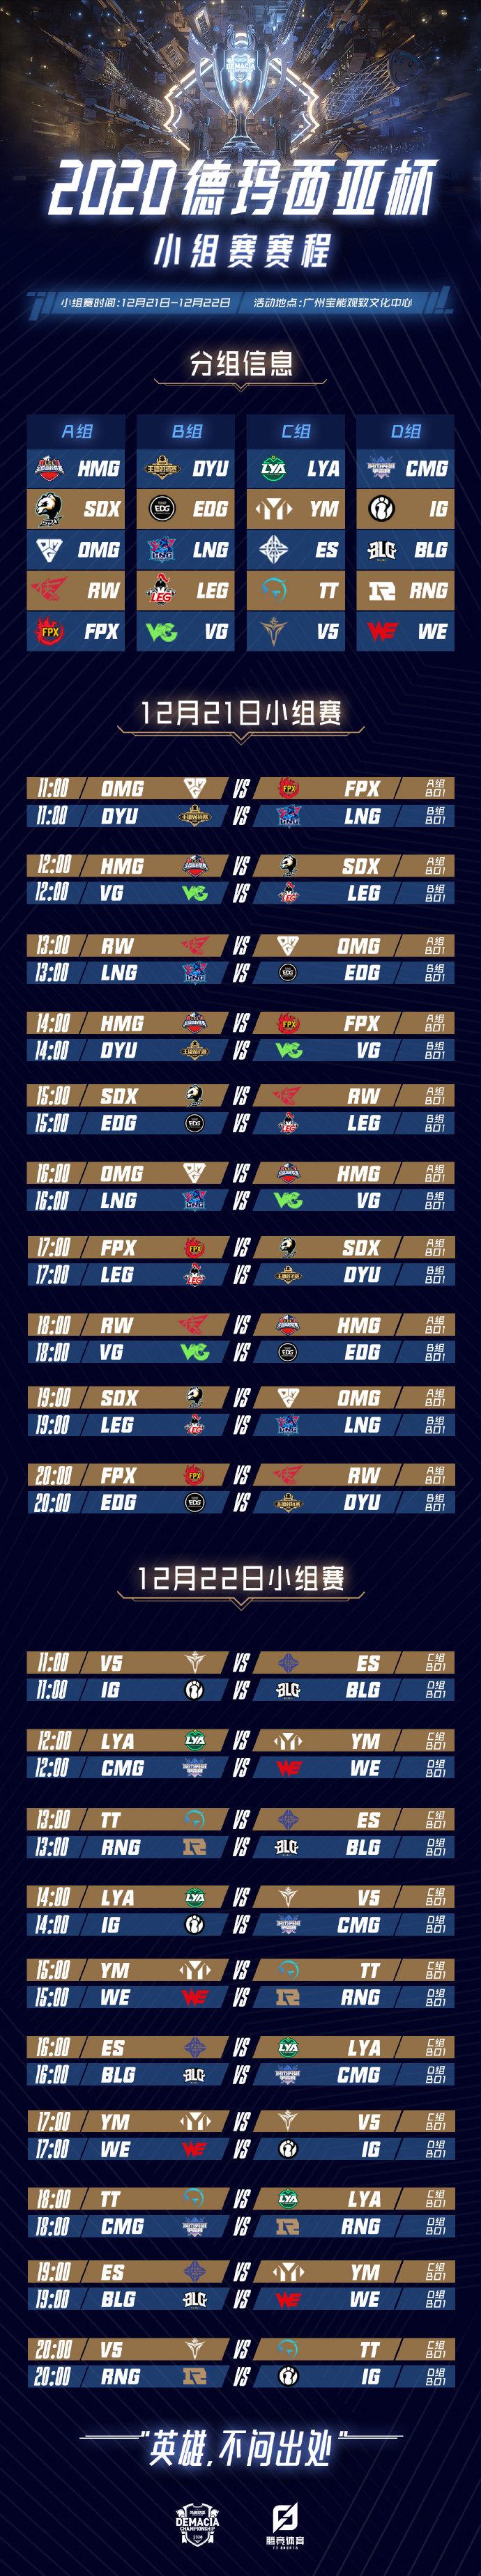 德玛西亚杯小组赛赛程出炉:揭幕战OMG vs FPX